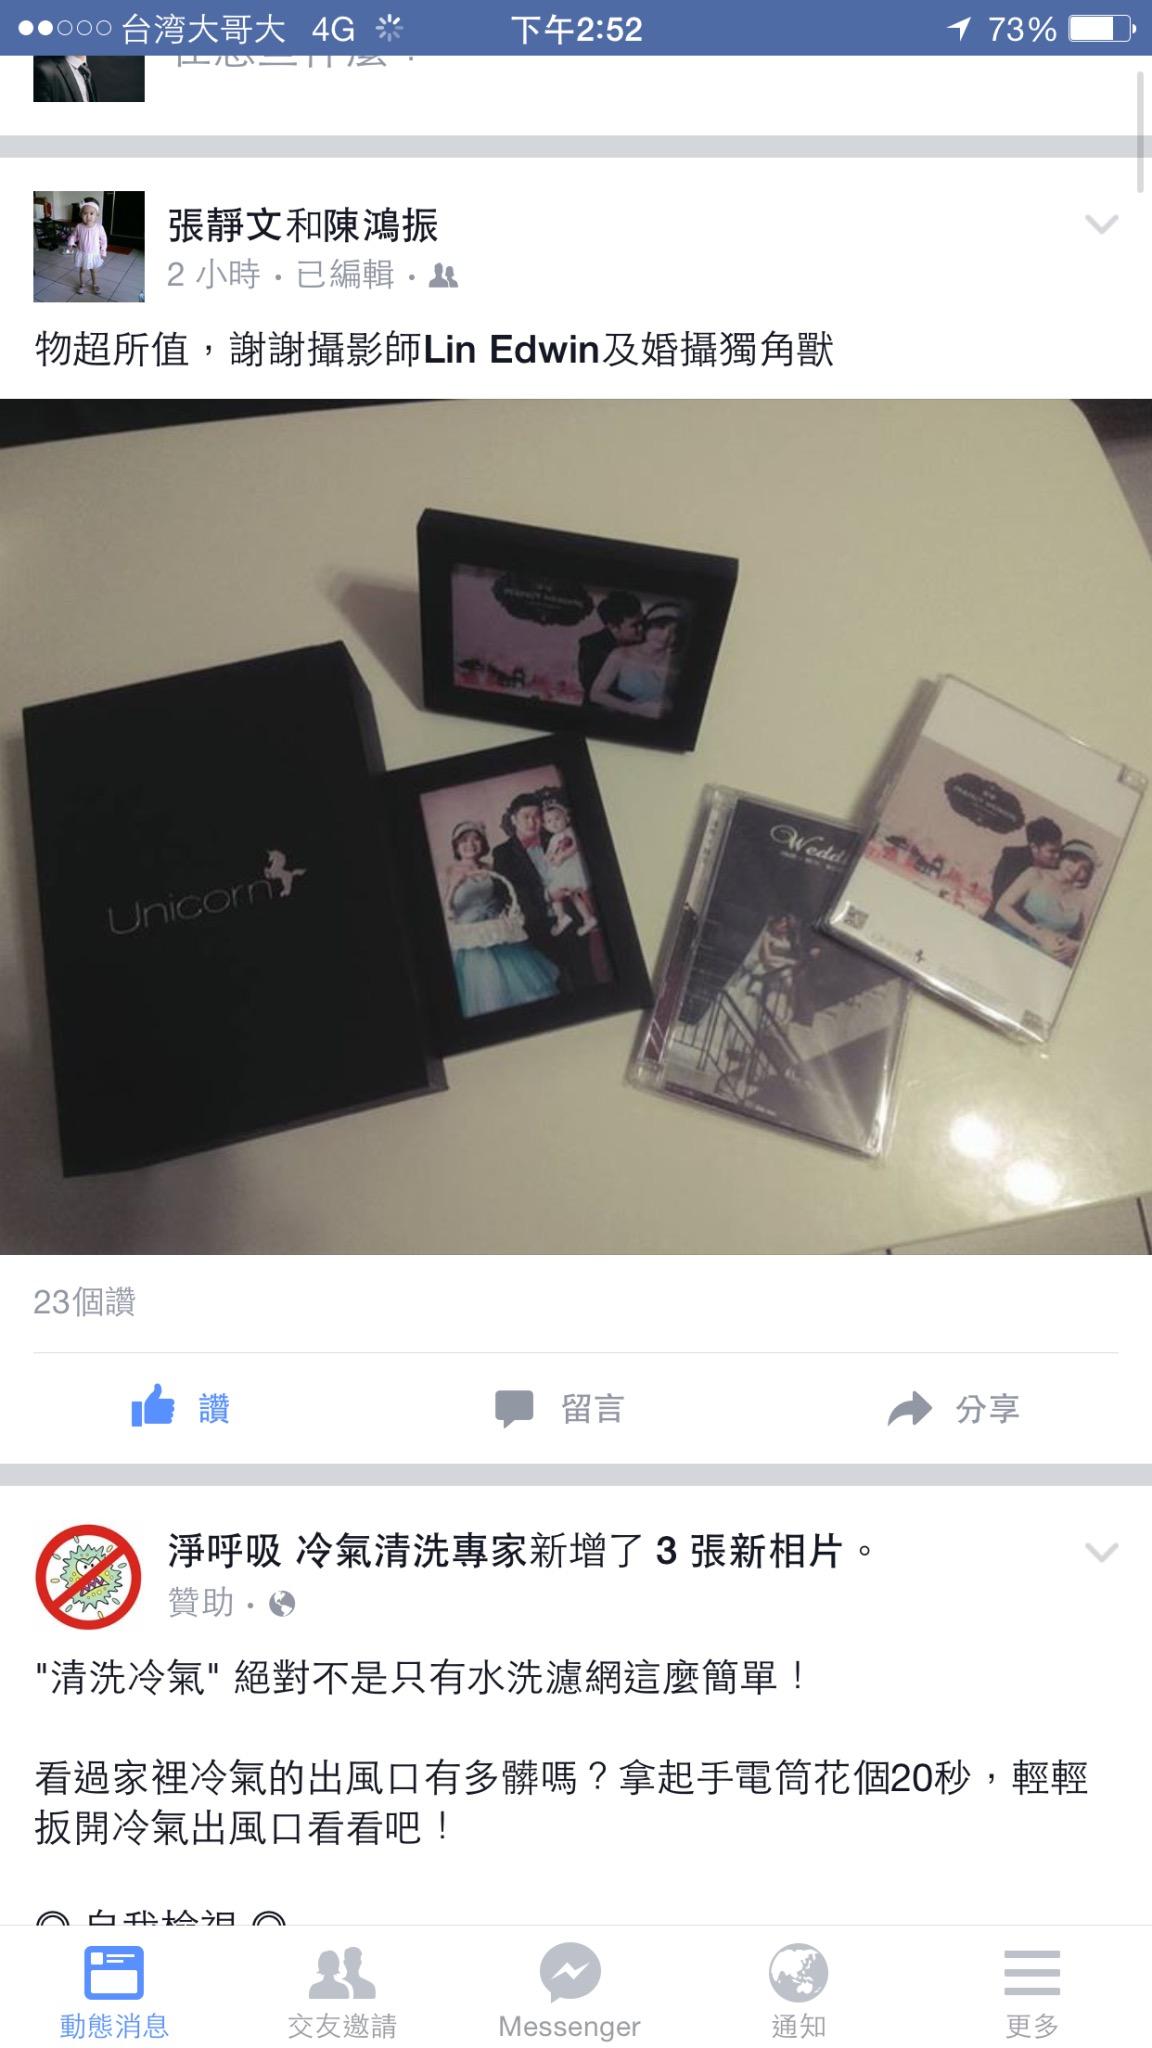 新人見證-鴻振 & 靜文 - 台中兆品酒店